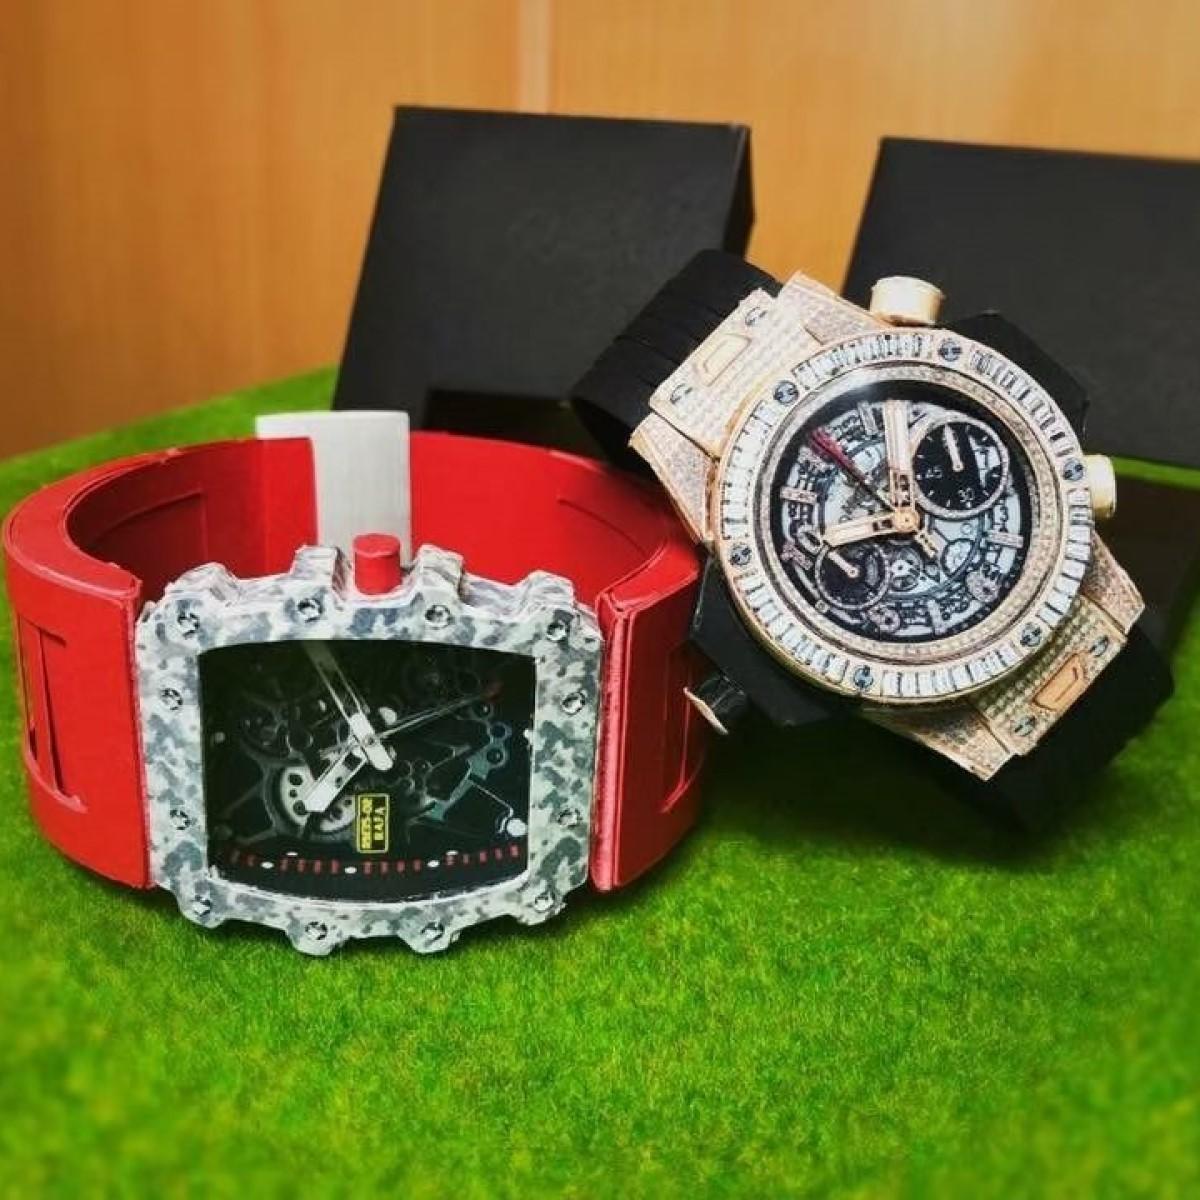 鑽石宇航錶